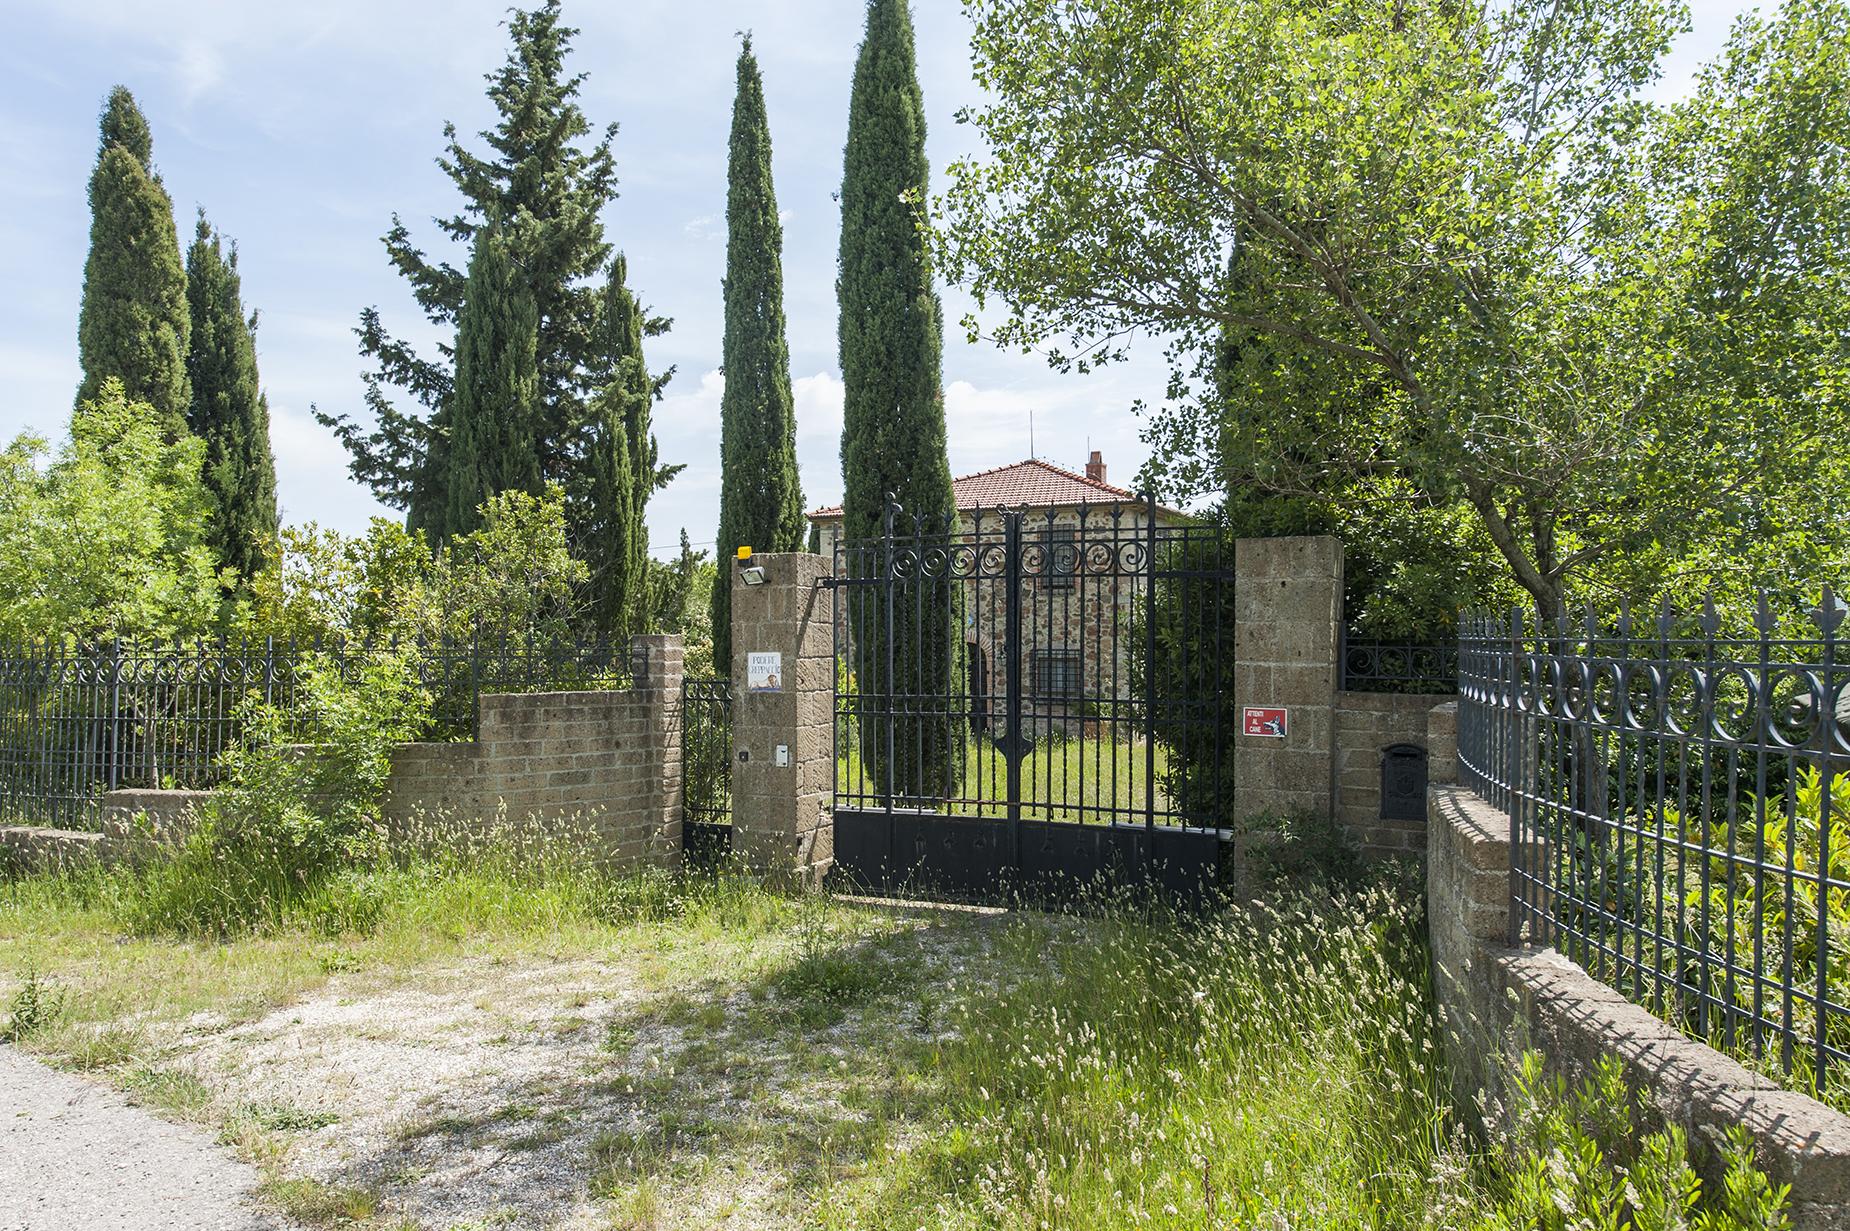 Rustico in Vendita a Roccalbegna: 5 locali, 300 mq